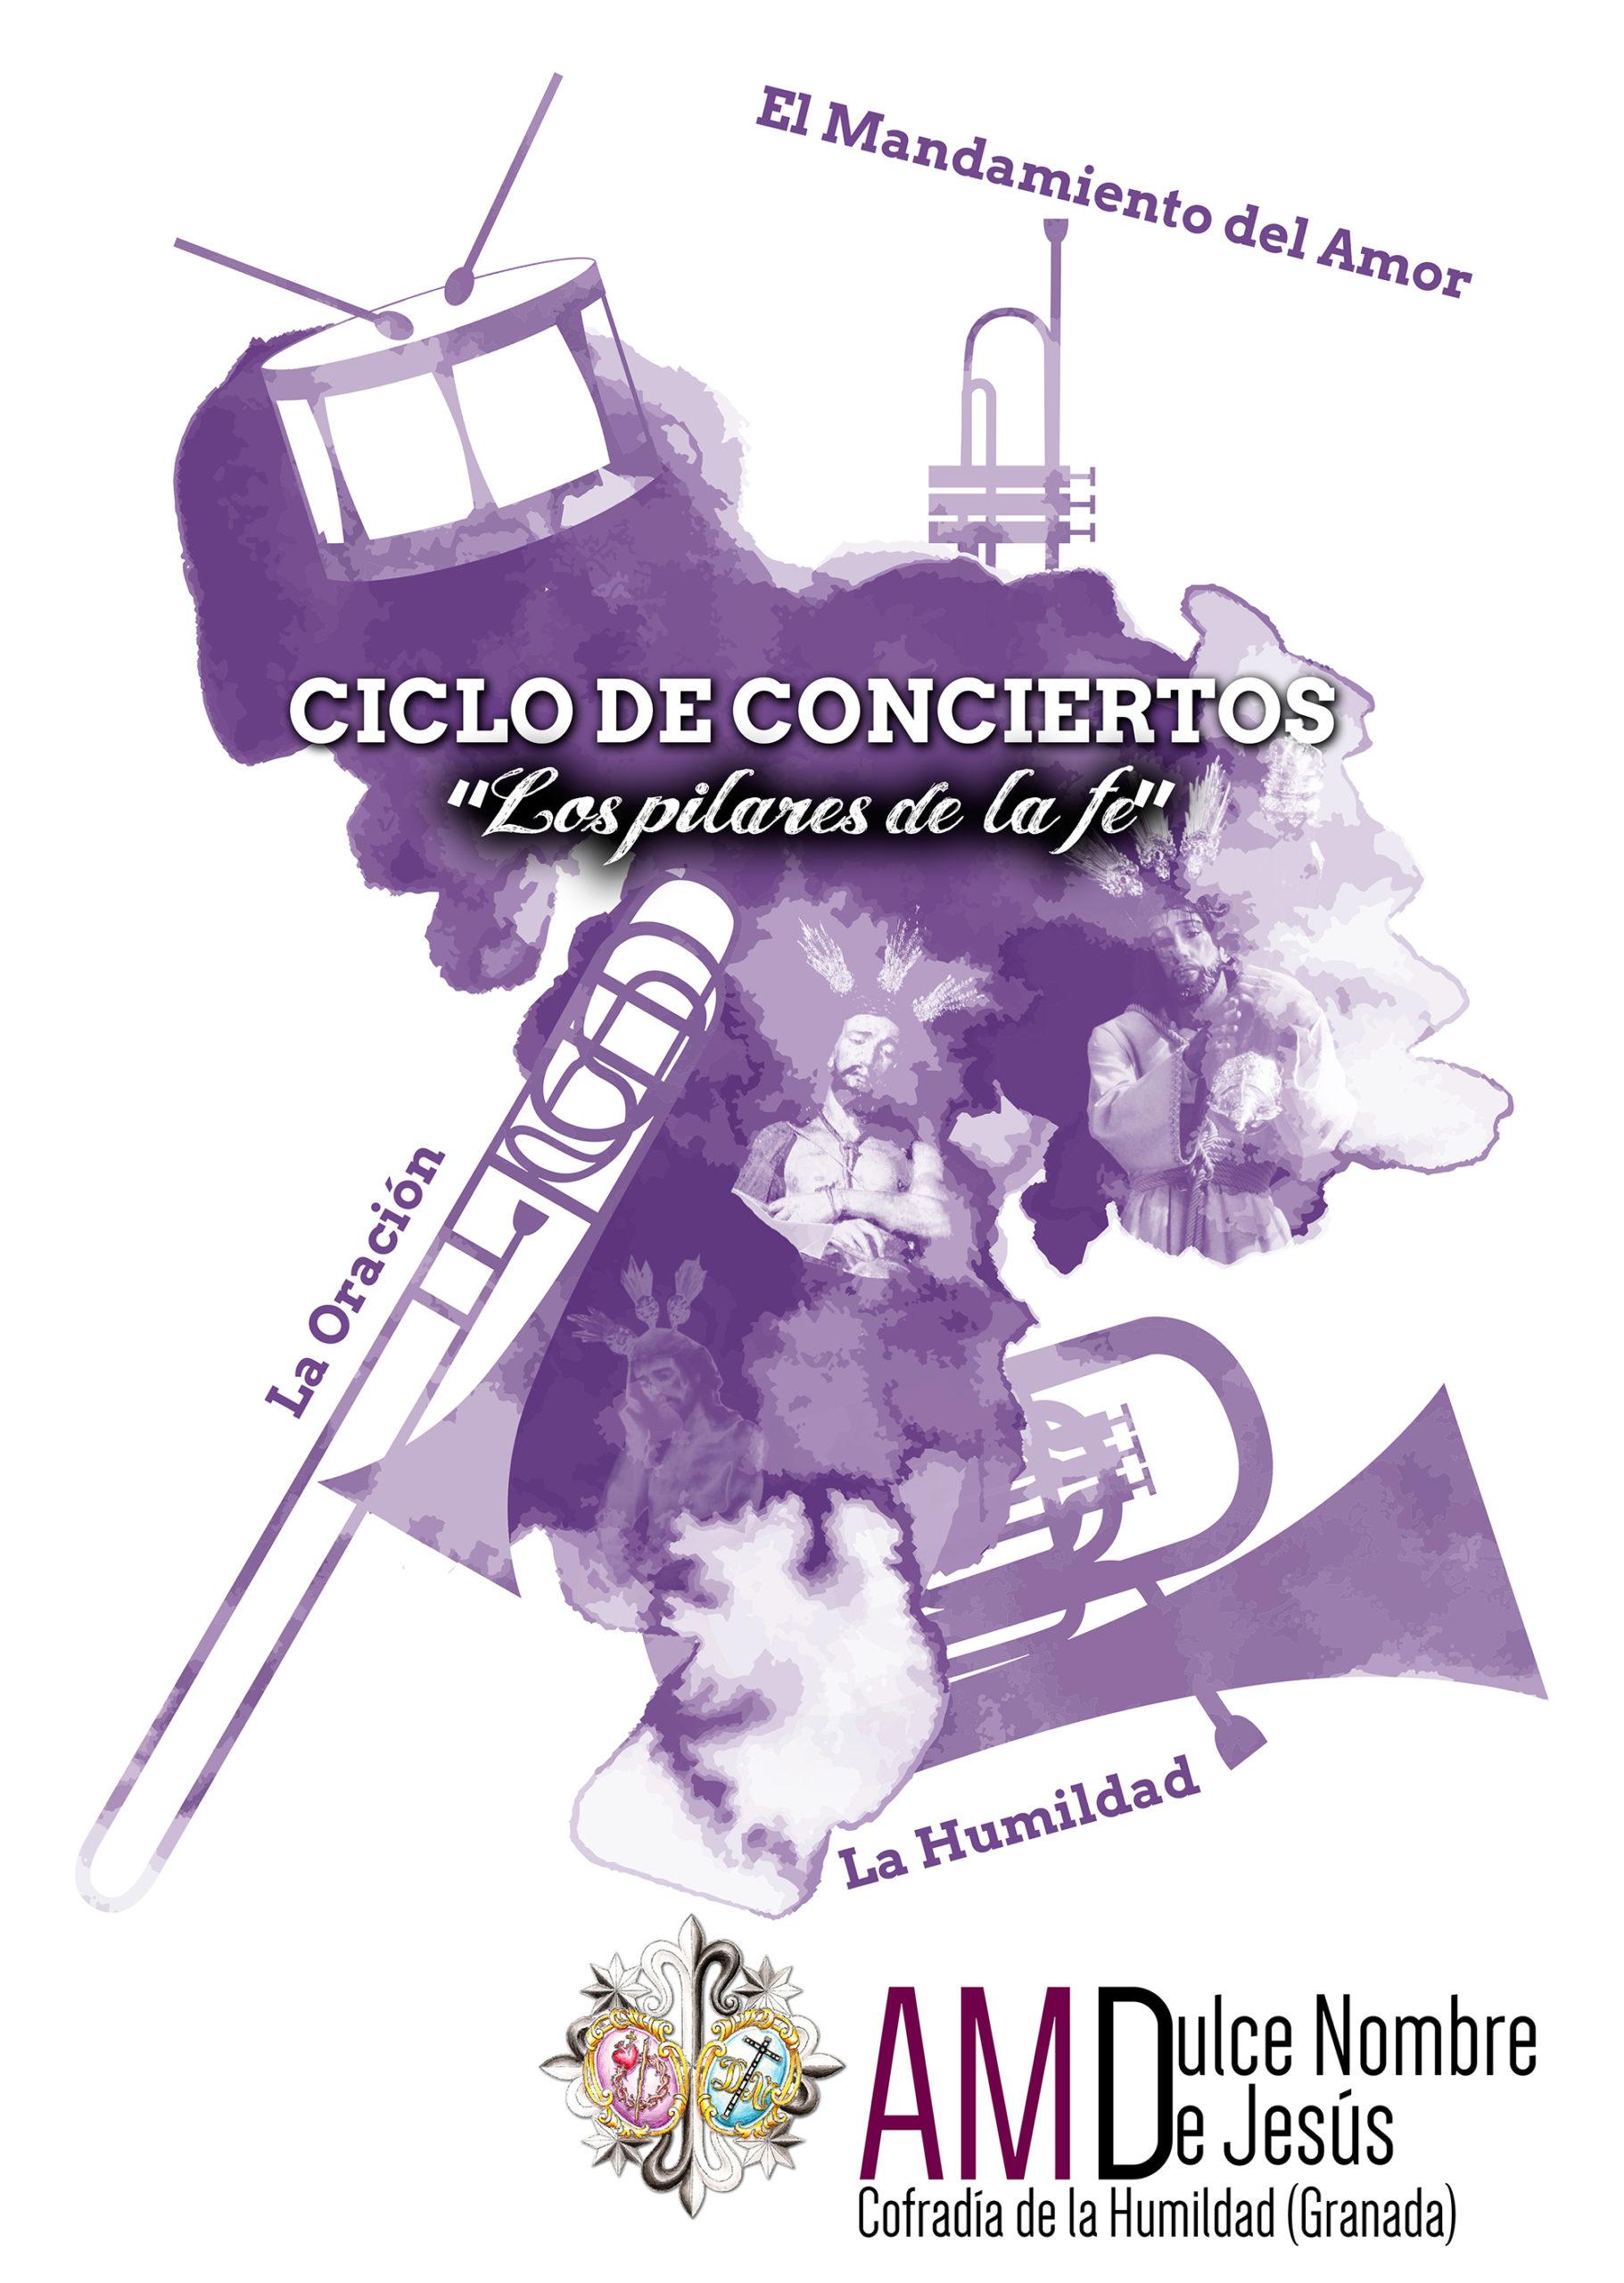 """Ciclo de conciertos, """"Los pilares de la fe"""""""